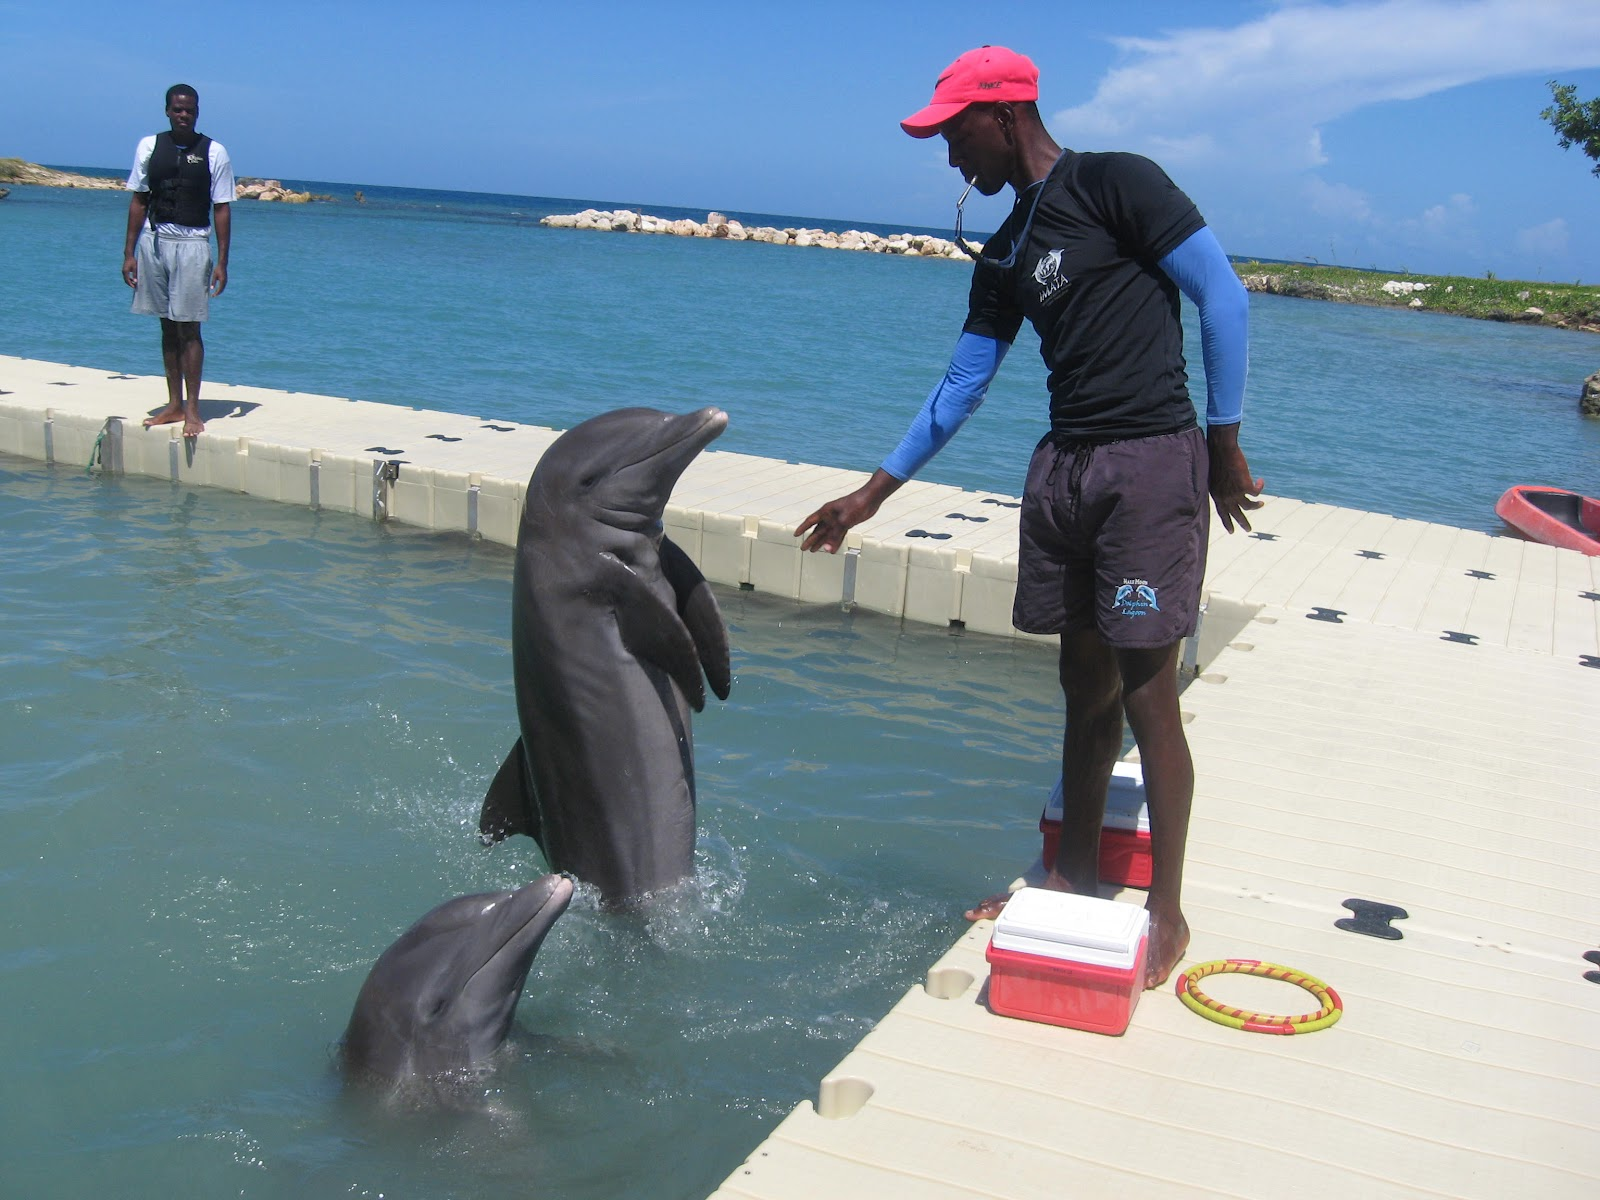 http://4.bp.blogspot.com/-ELUbyWl68LM/UGzhJf-J-zI/AAAAAAAAAr4/RIus7w3sjGw/s1600/Dolphin+with+trainer.jpg